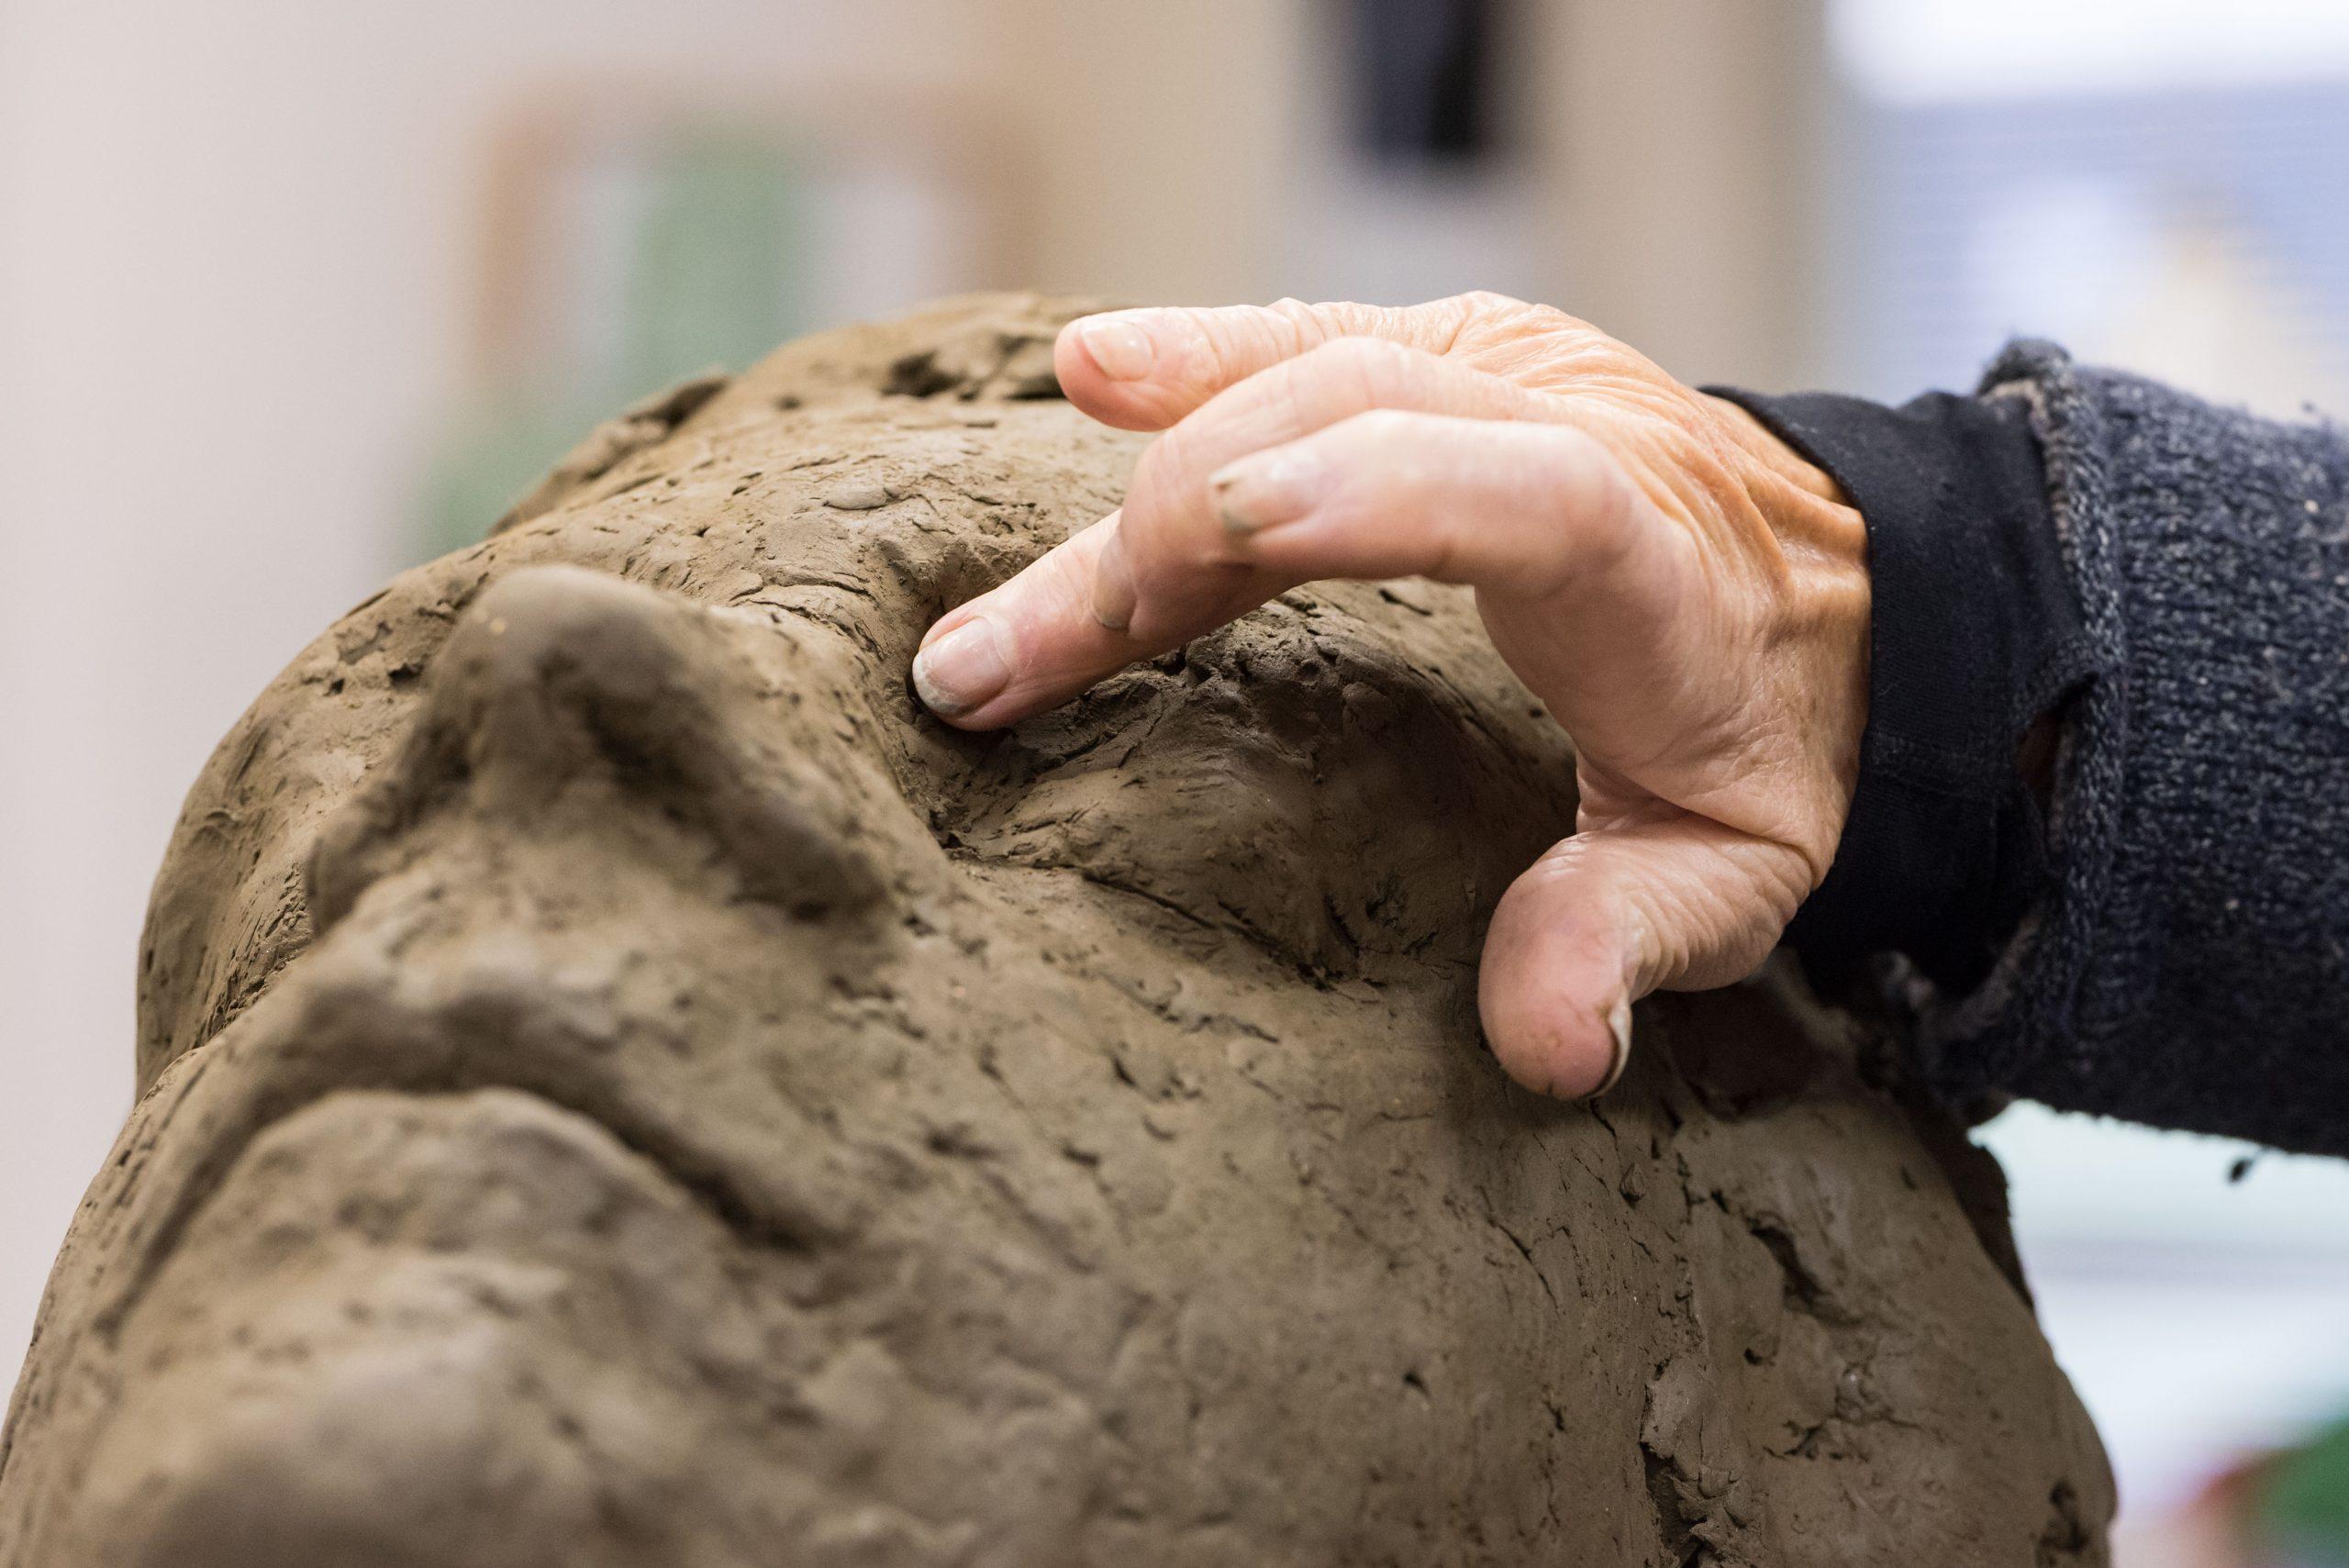 Maïté Duval werkt met haar hand het oog van een beeld in klei bij